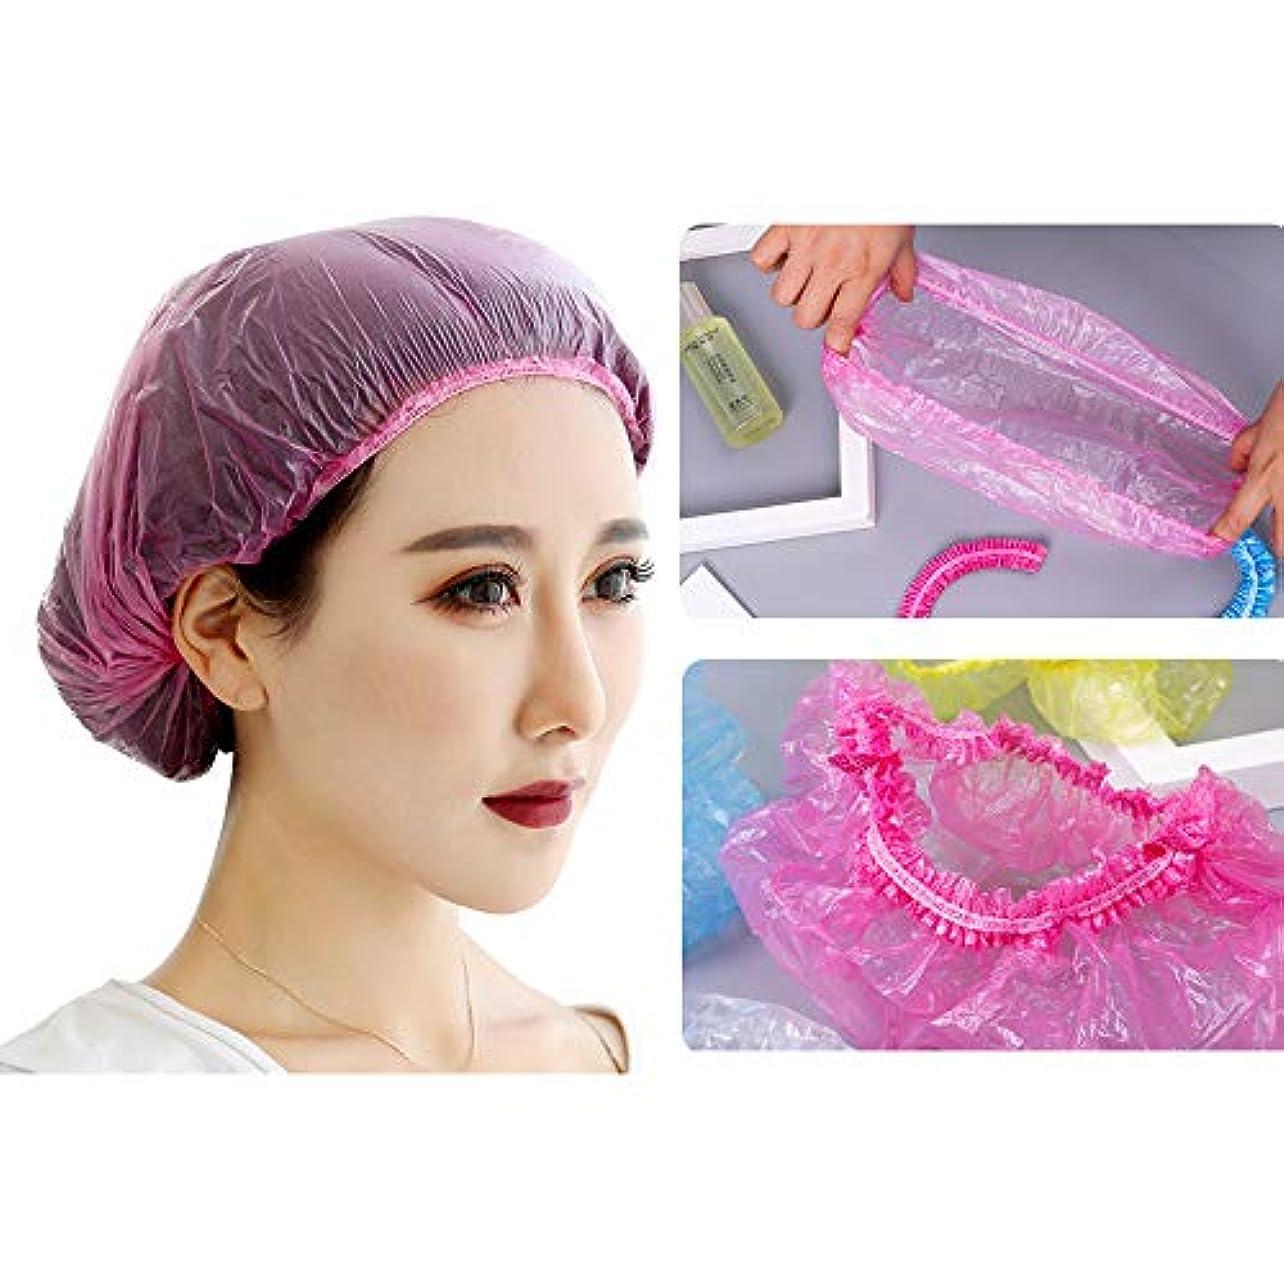 ラインナップ活気づけるインポートWotion シャワーキャップ 使い捨てキャップ ヘアキャップ100枚入 個別包装 髪染め用 ヘアカラー用 サロン用 作業用 男女兼用 (ピンク)